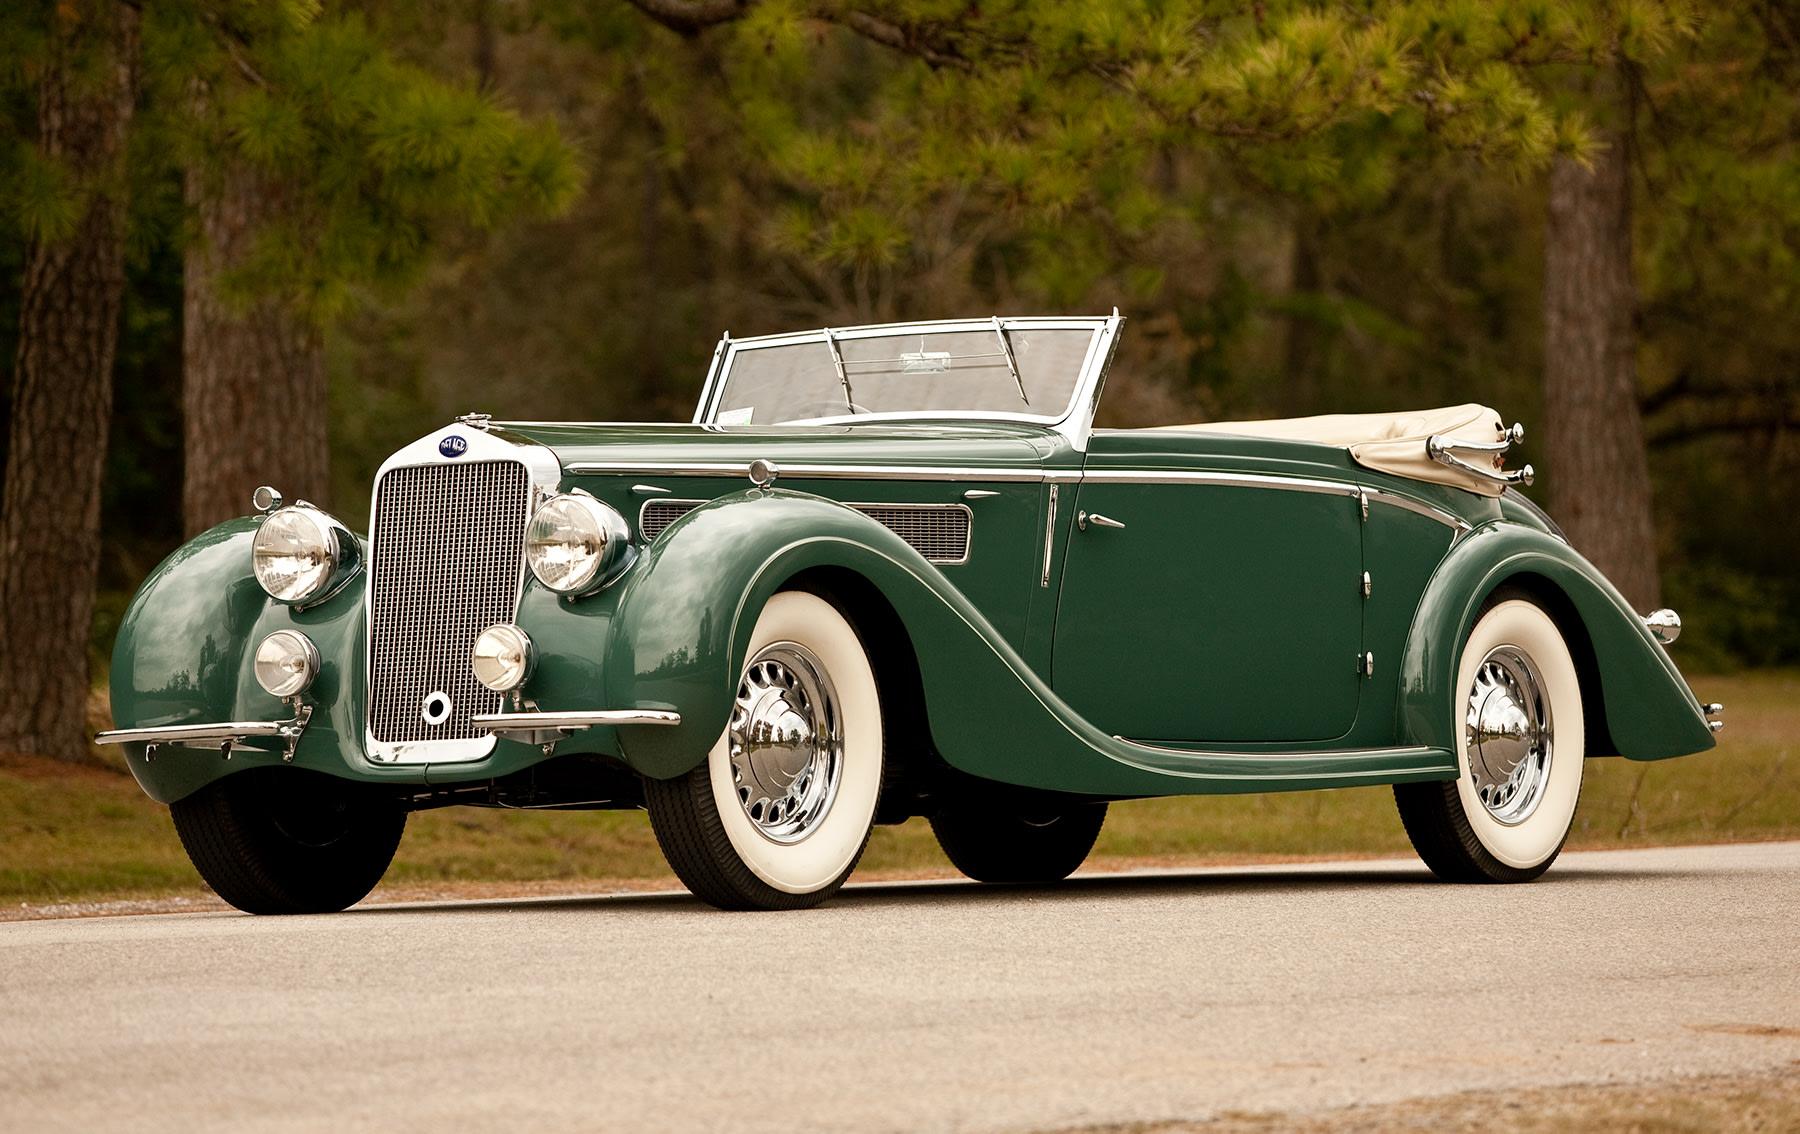 1937 Delage D8 120 Drop Head Coupe